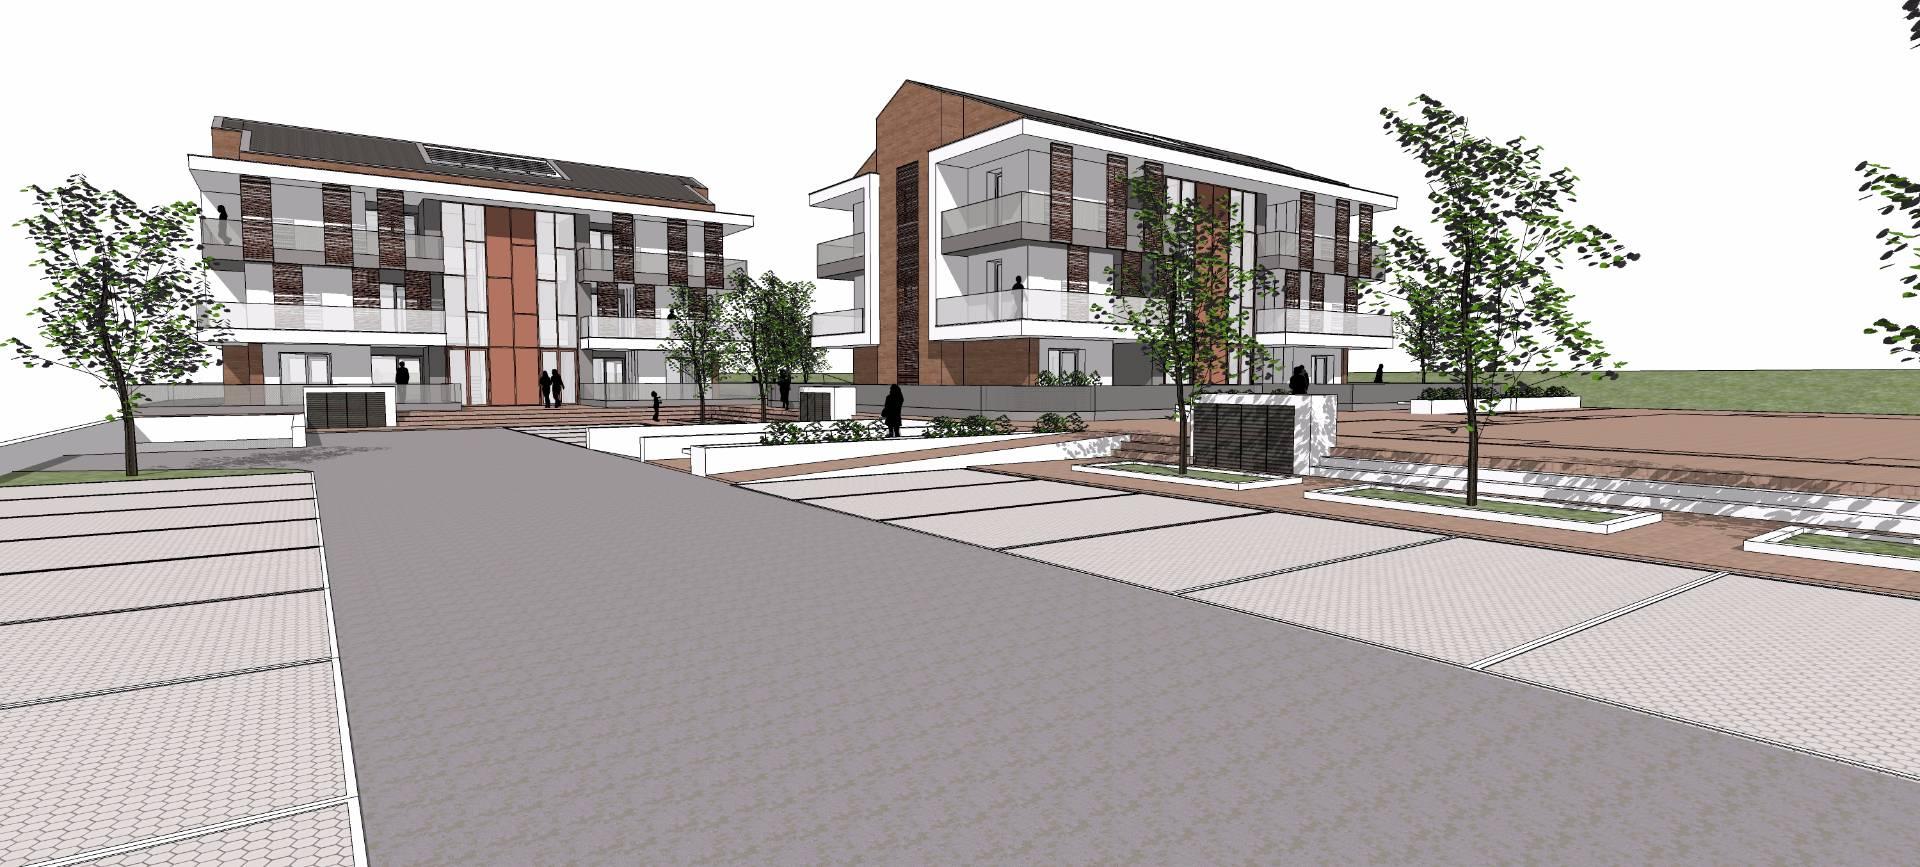 Appartamento in vendita a Cesena, 3 locali, zona Località: PonteAbbadesse, prezzo € 347.000 | Cambio Casa.it